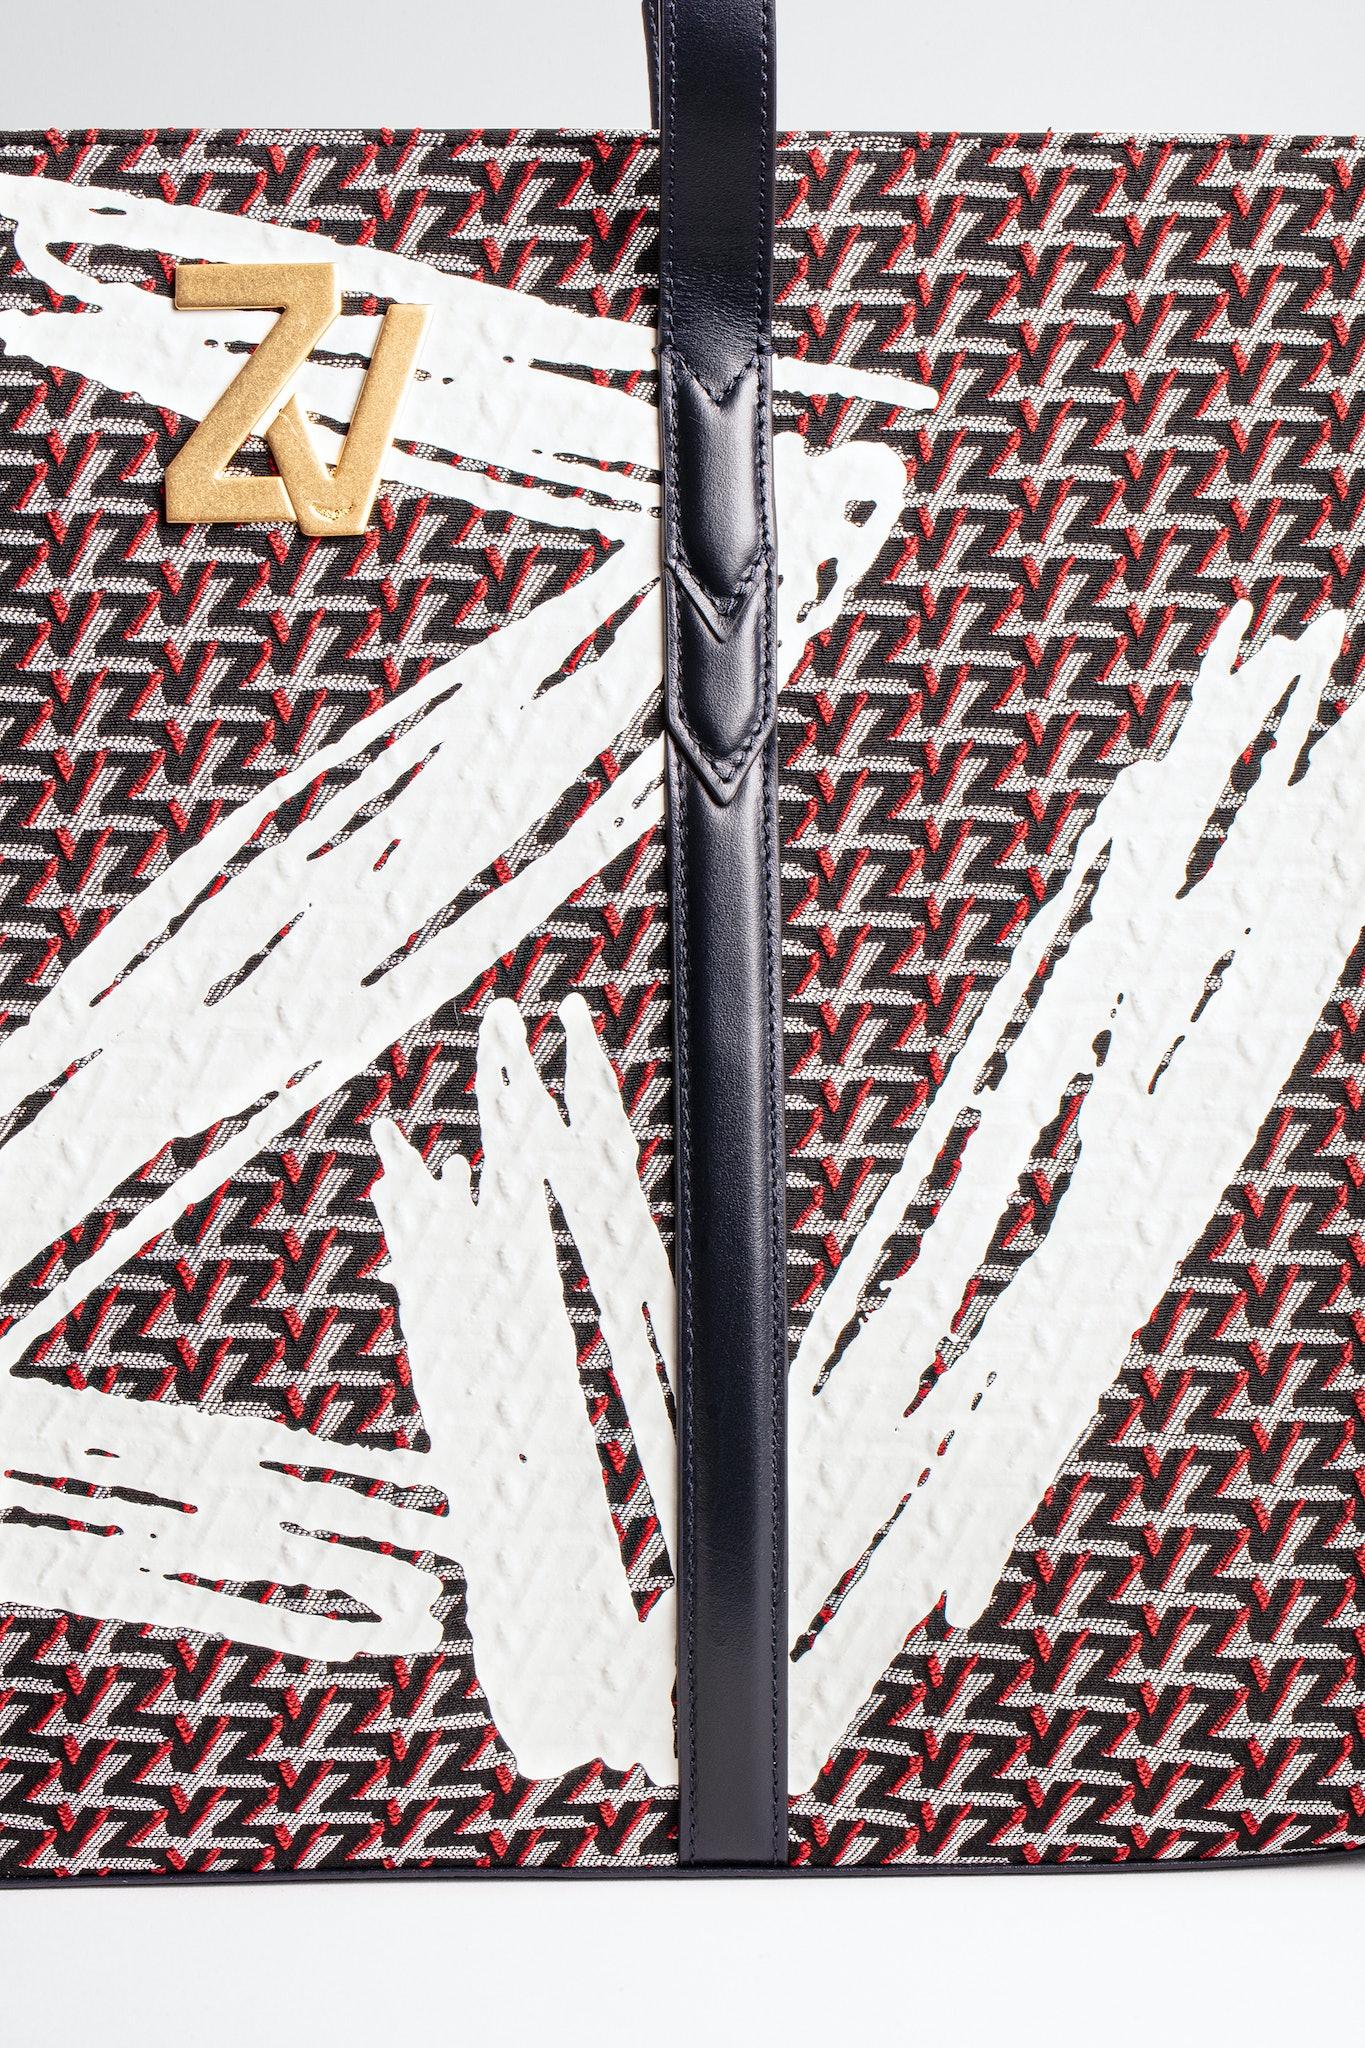 ZV Initiale Tote bag Monogram Coat of arms